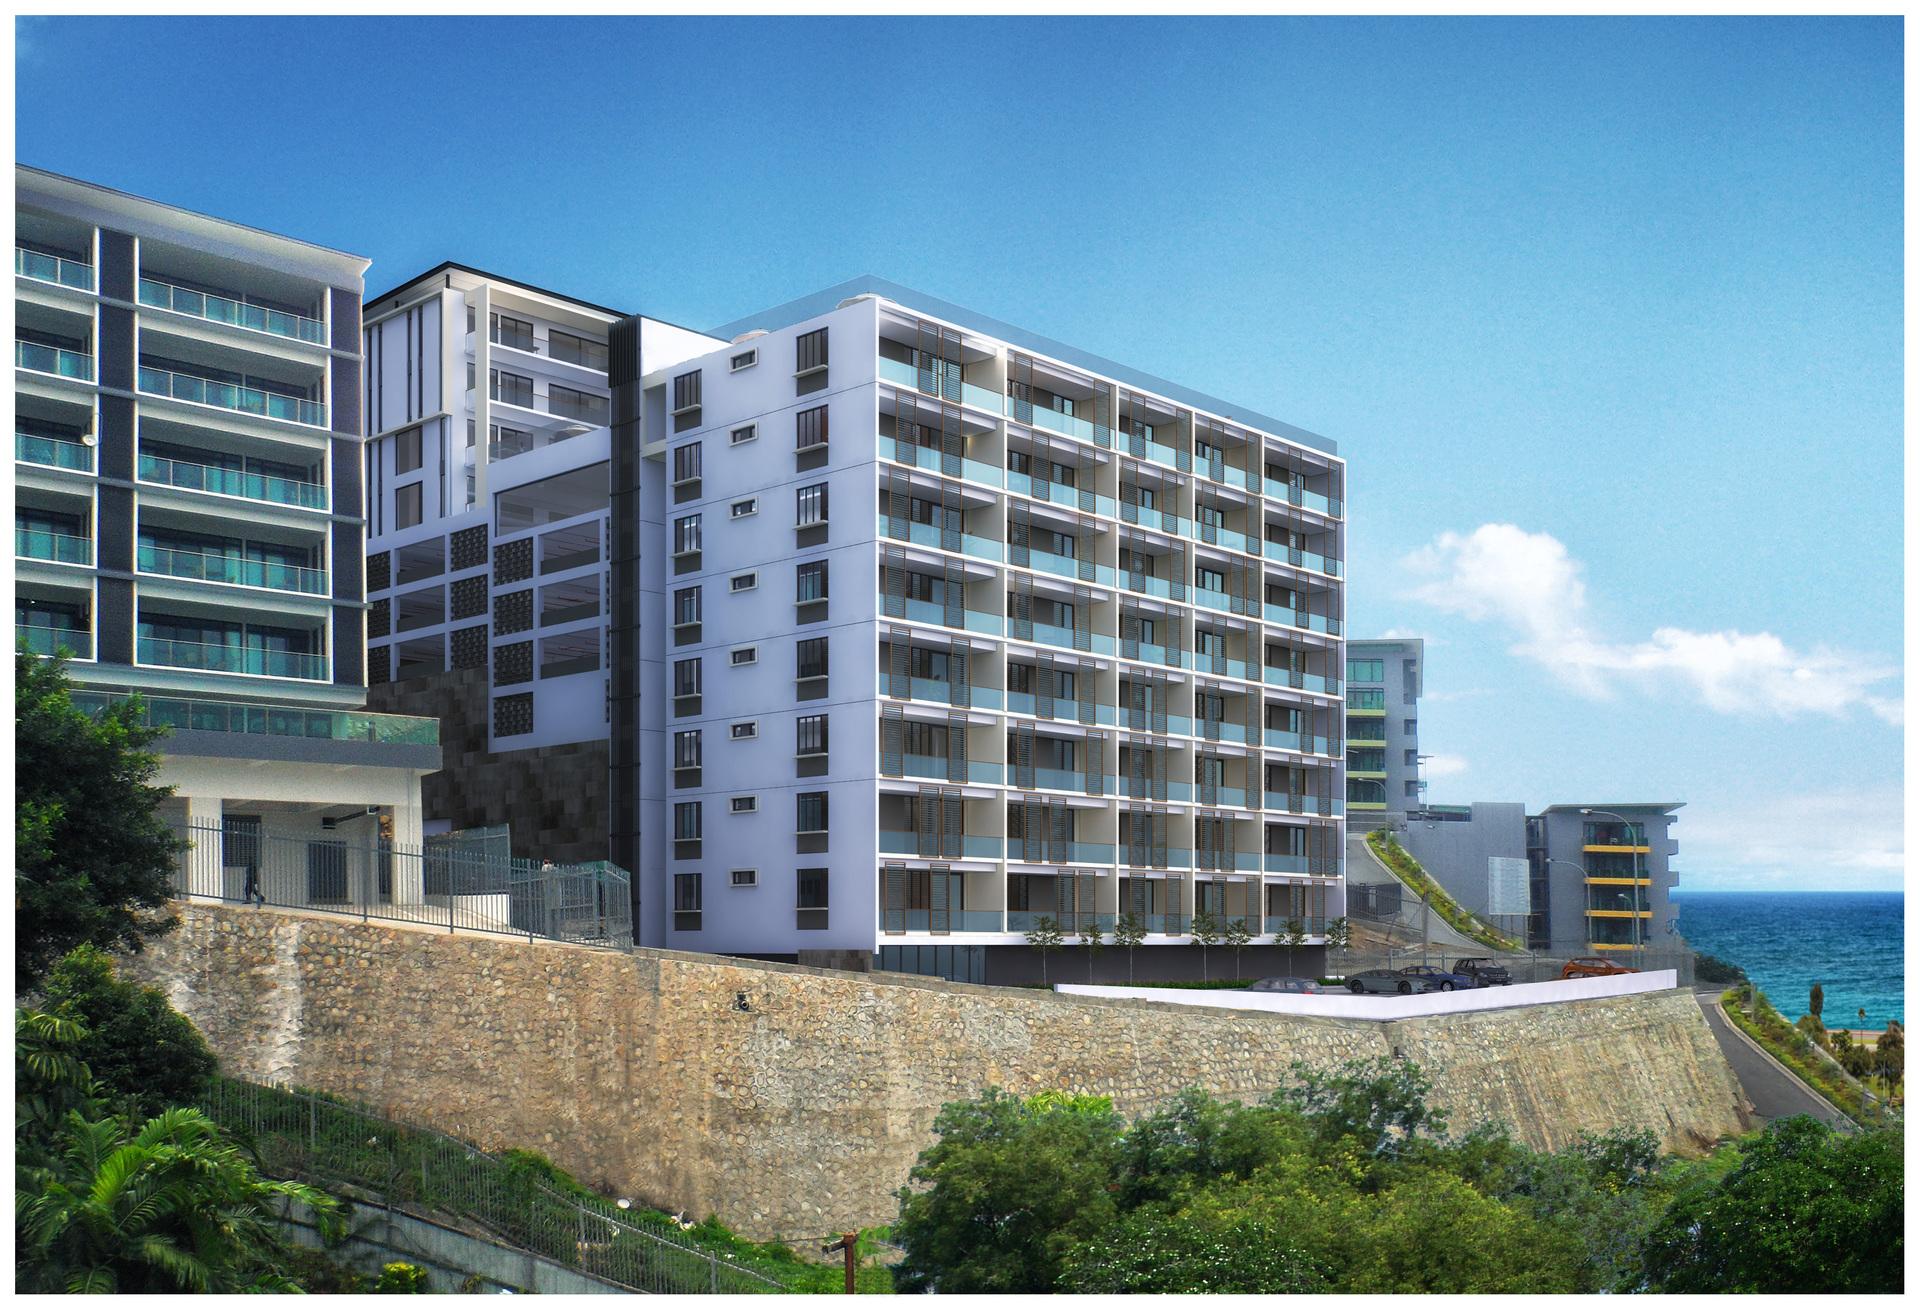 OA927: Gardenia Apartments in Ela Vista